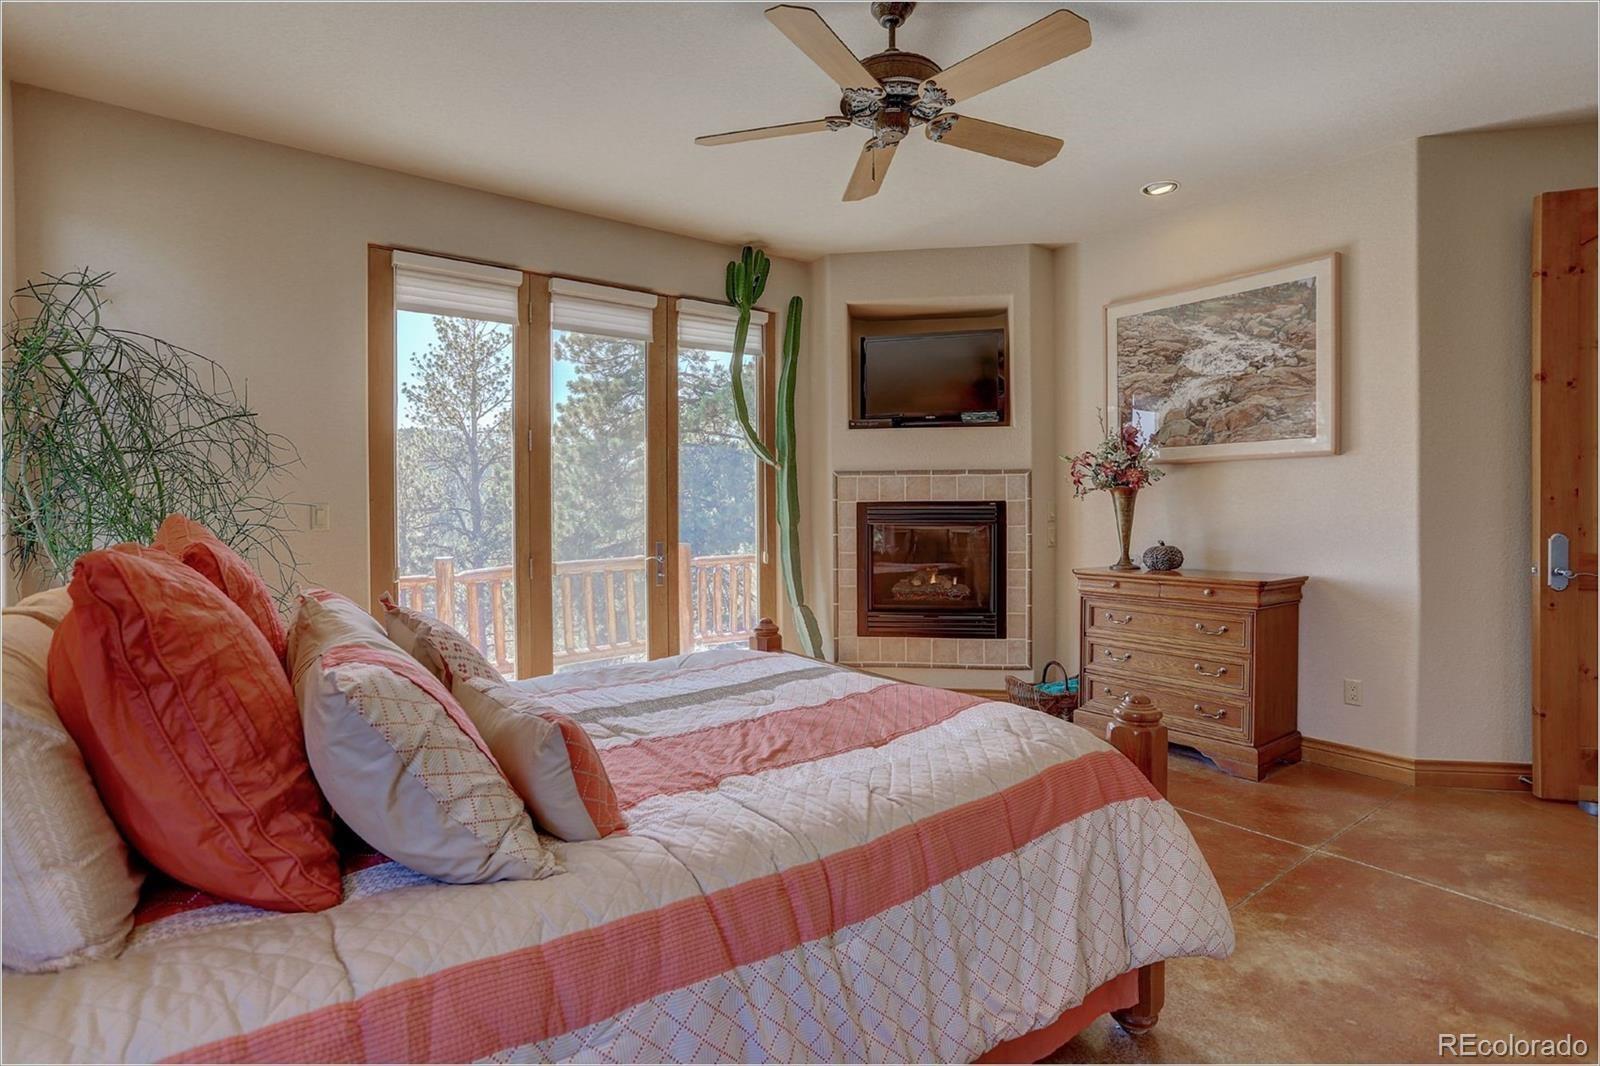 MLS# 7982246 - 20 - 13831 Douglas Ranch Drive, Pine, CO 80470